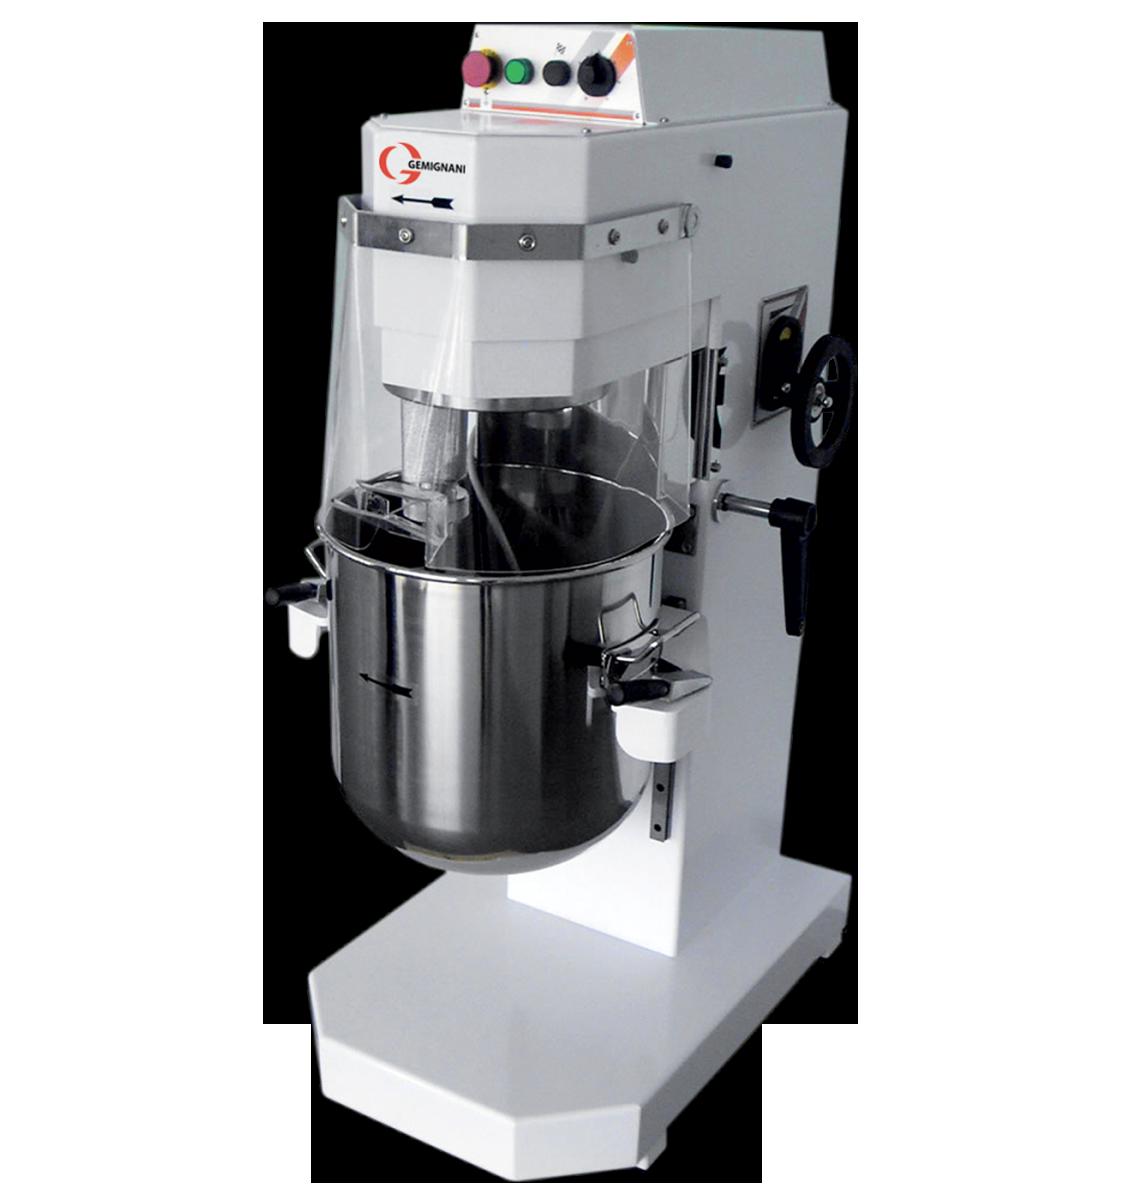 GMP-30-40-1143x1200